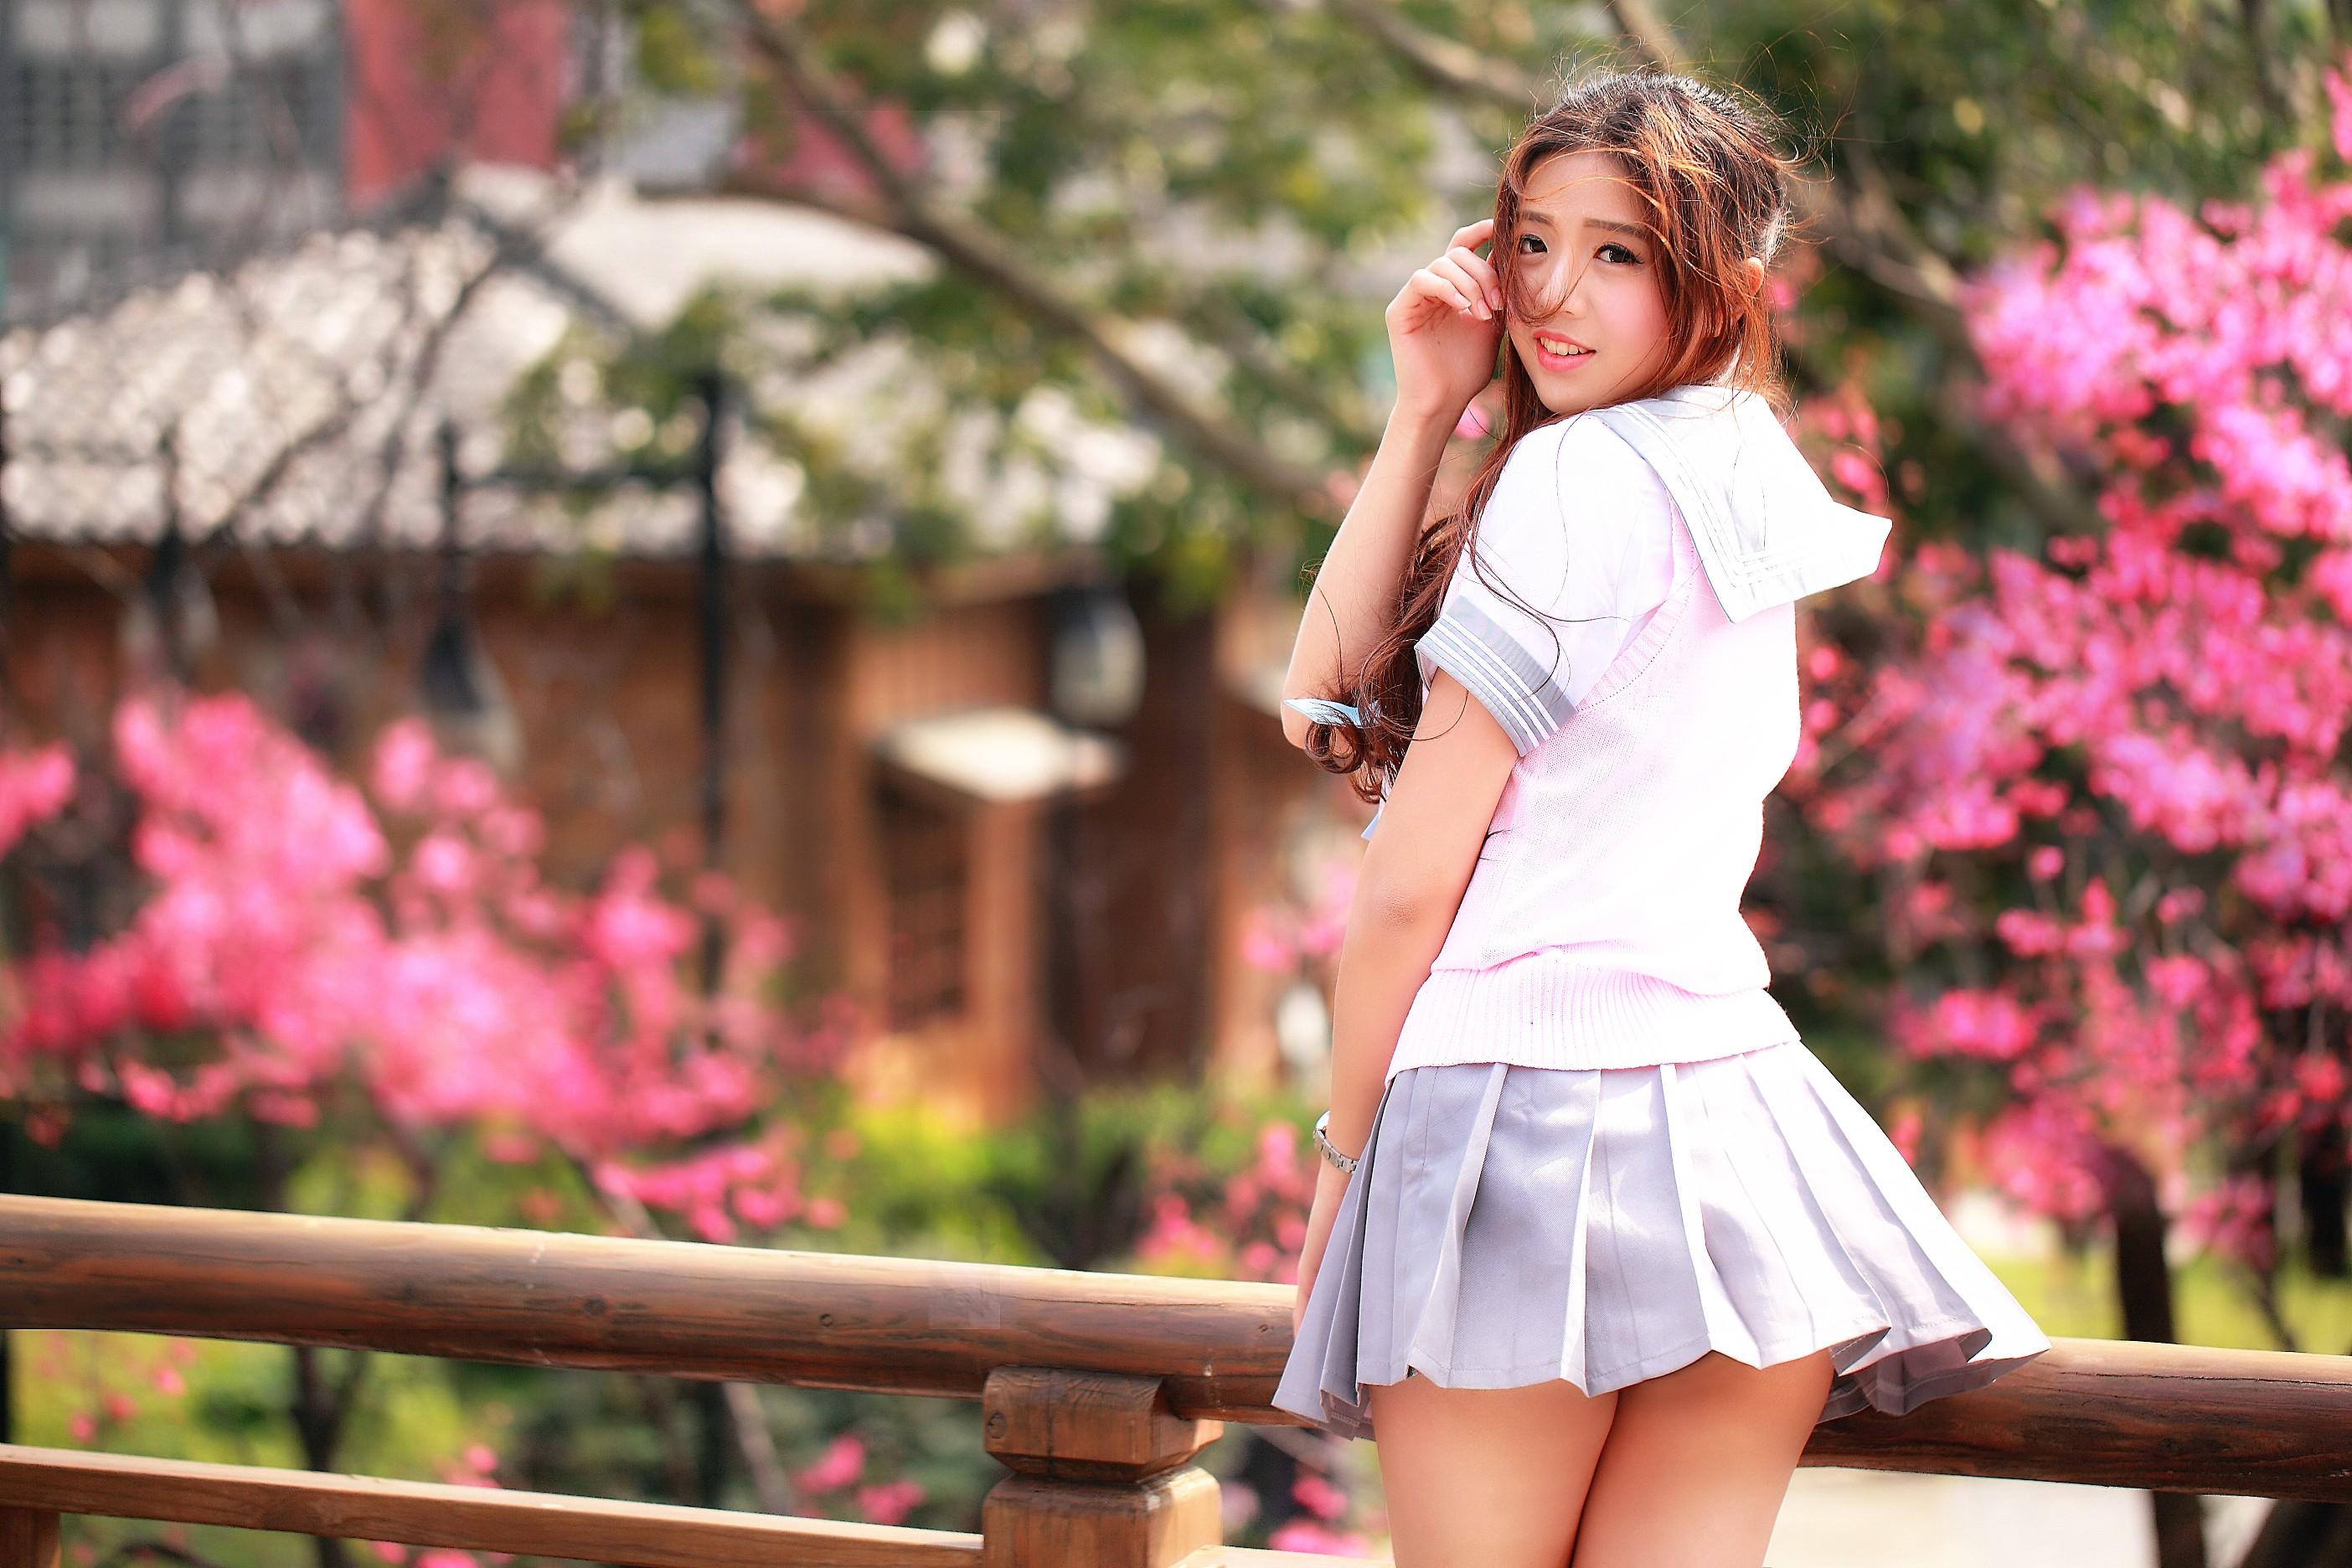 femmes uniforme plein Femmes jupe en Fond en asiatique rose Vêtements mode printemps courte regarder arrière maquette d'écran robe air scolaire 7tz7qxwX5